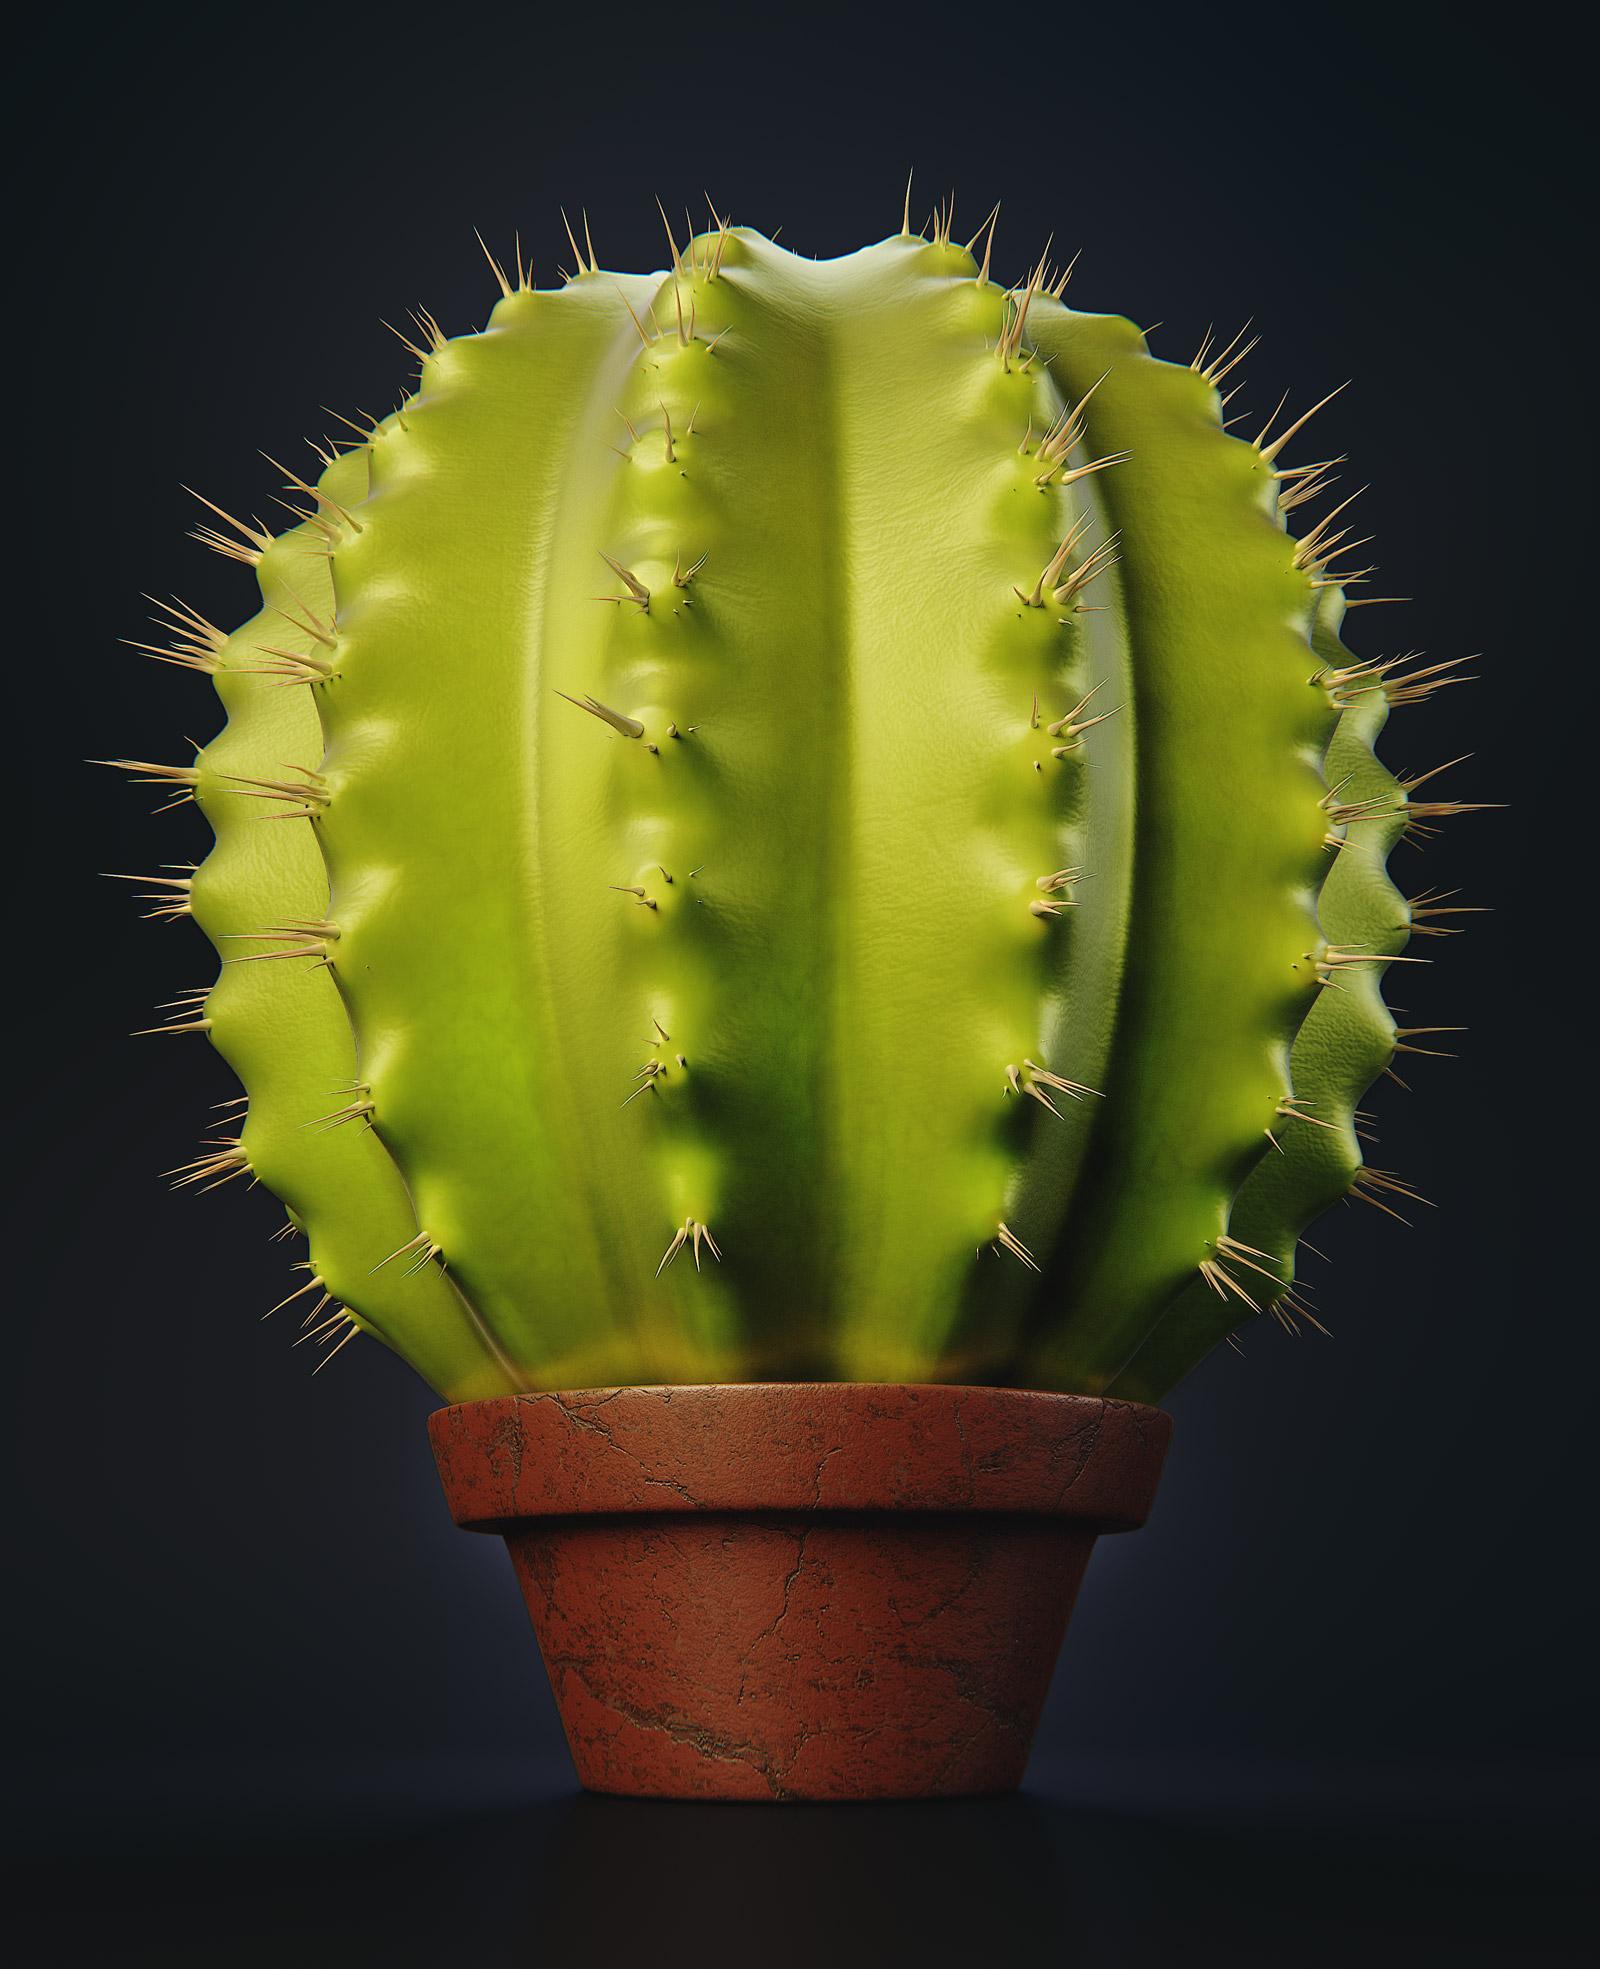 Cactus_01_w1600